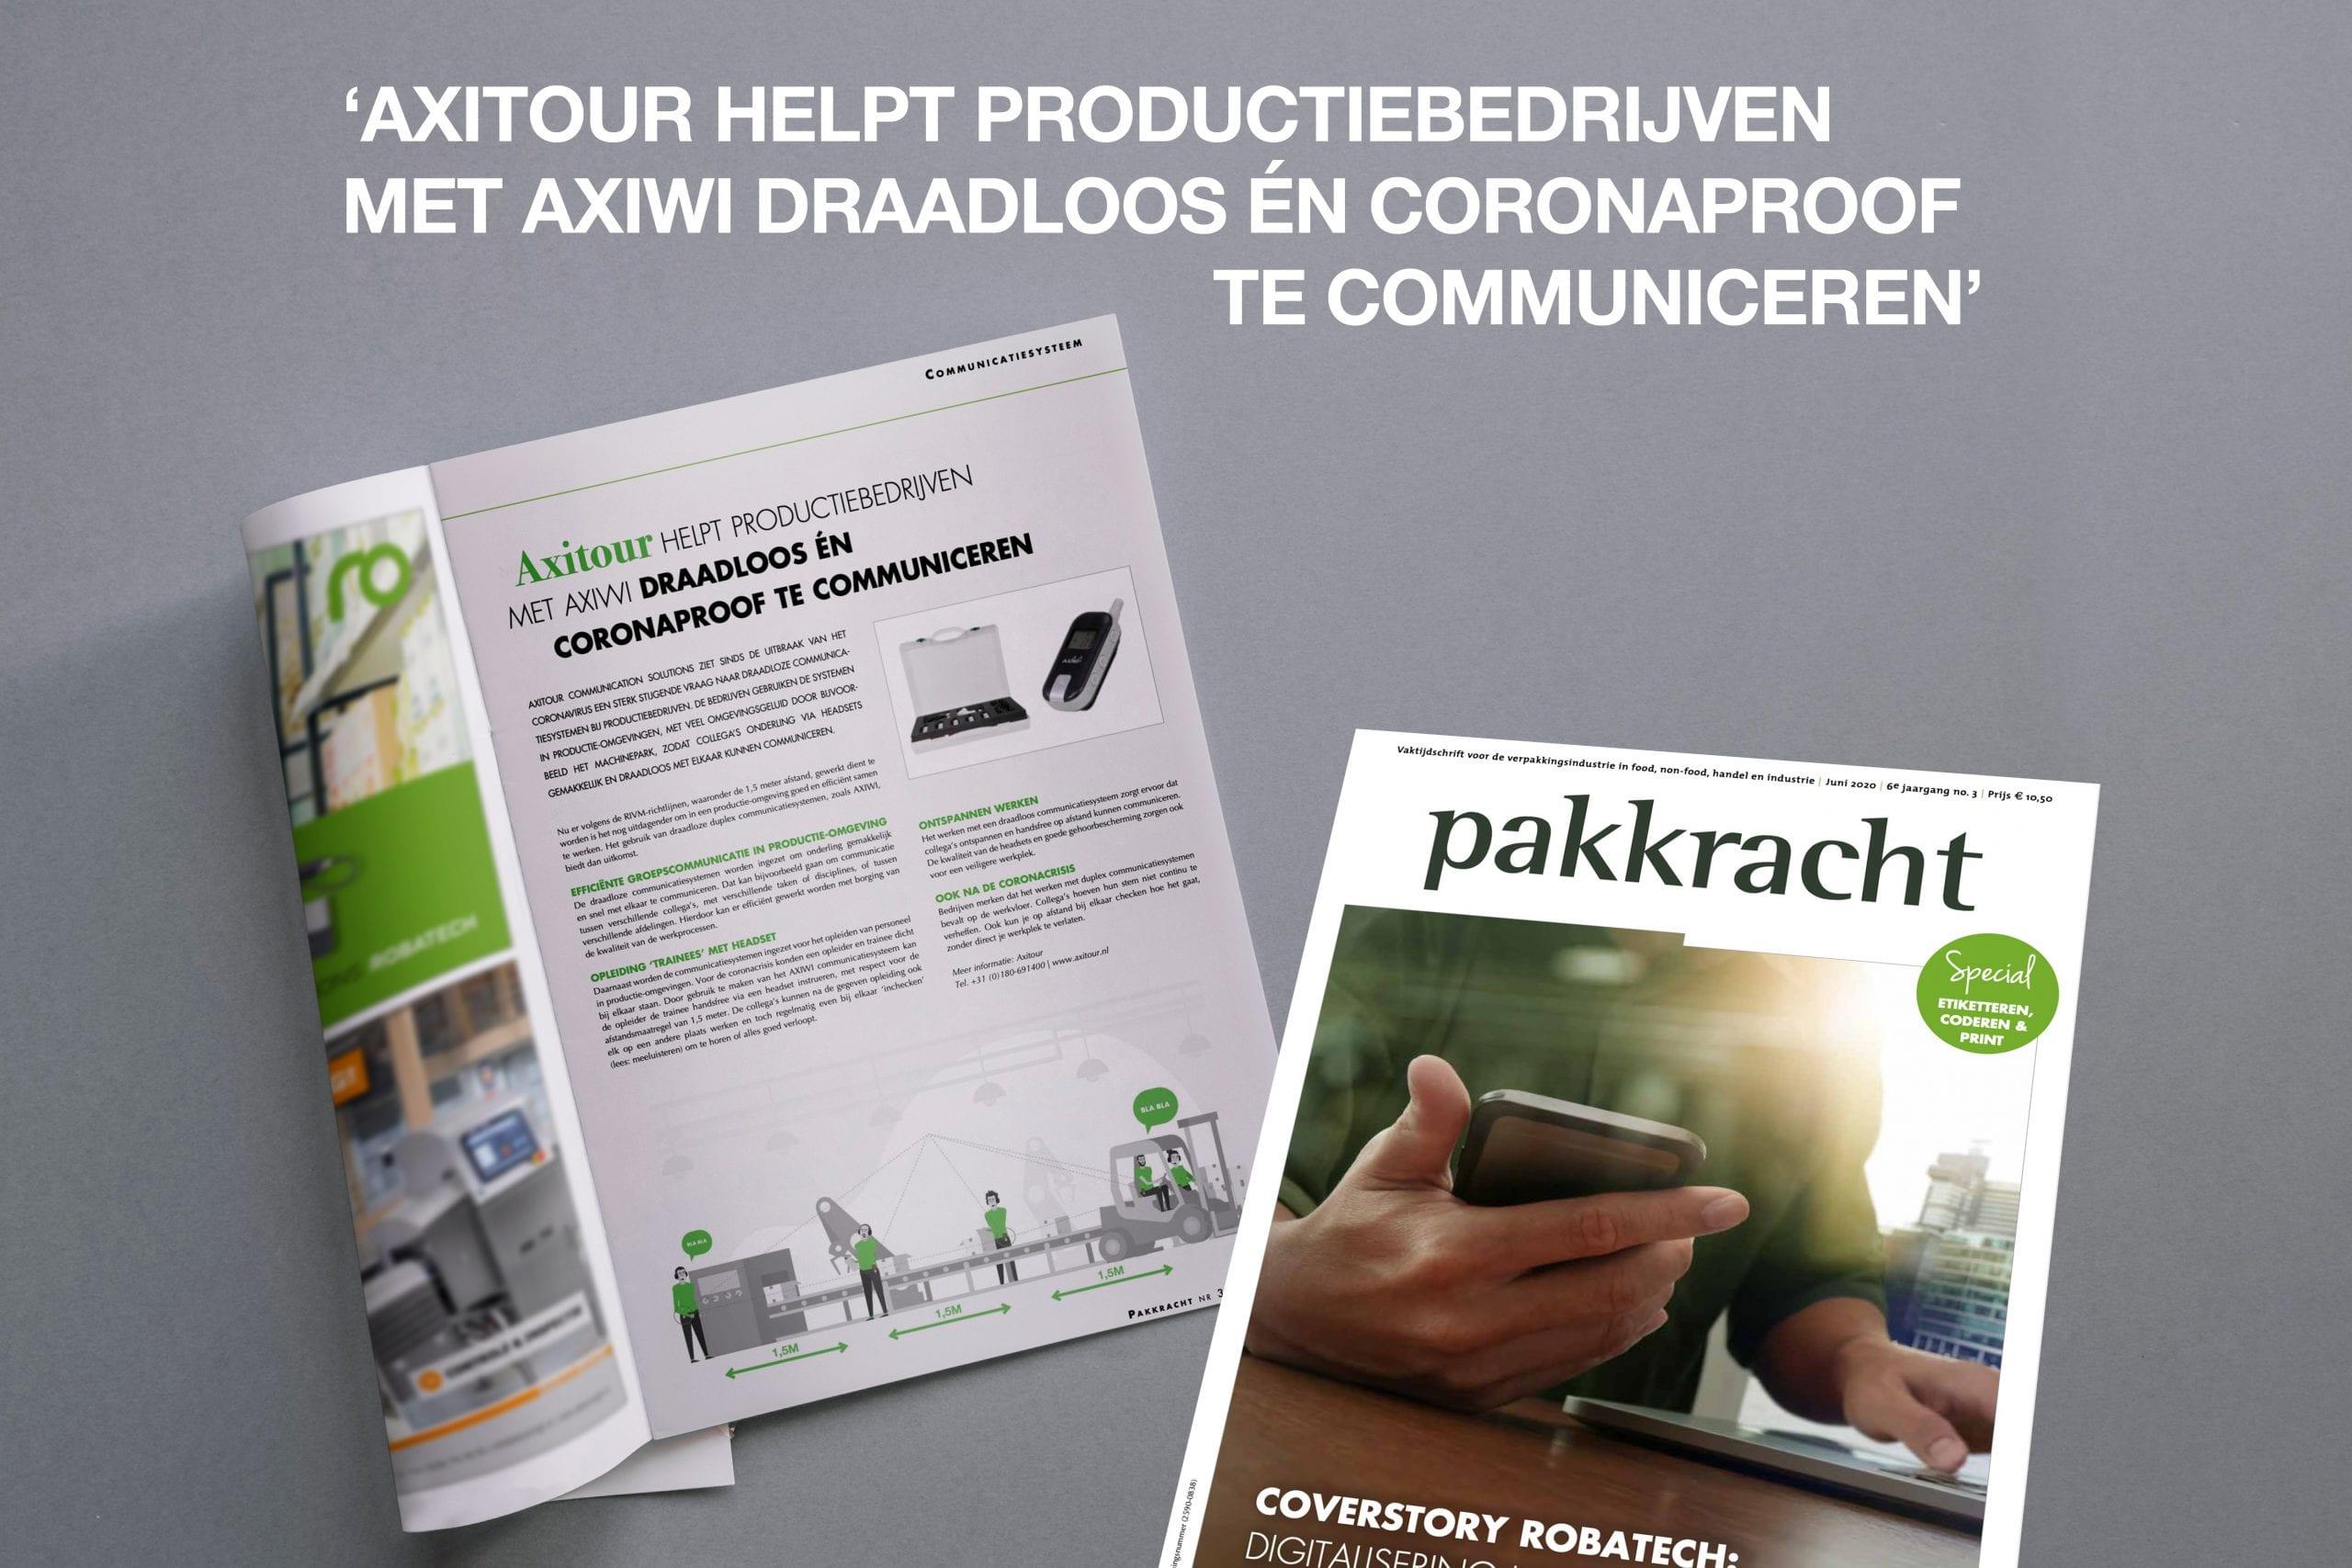 pakkracht-juni-2020-axitour-helpt-productiebedrijvencoronaproof-communiceren